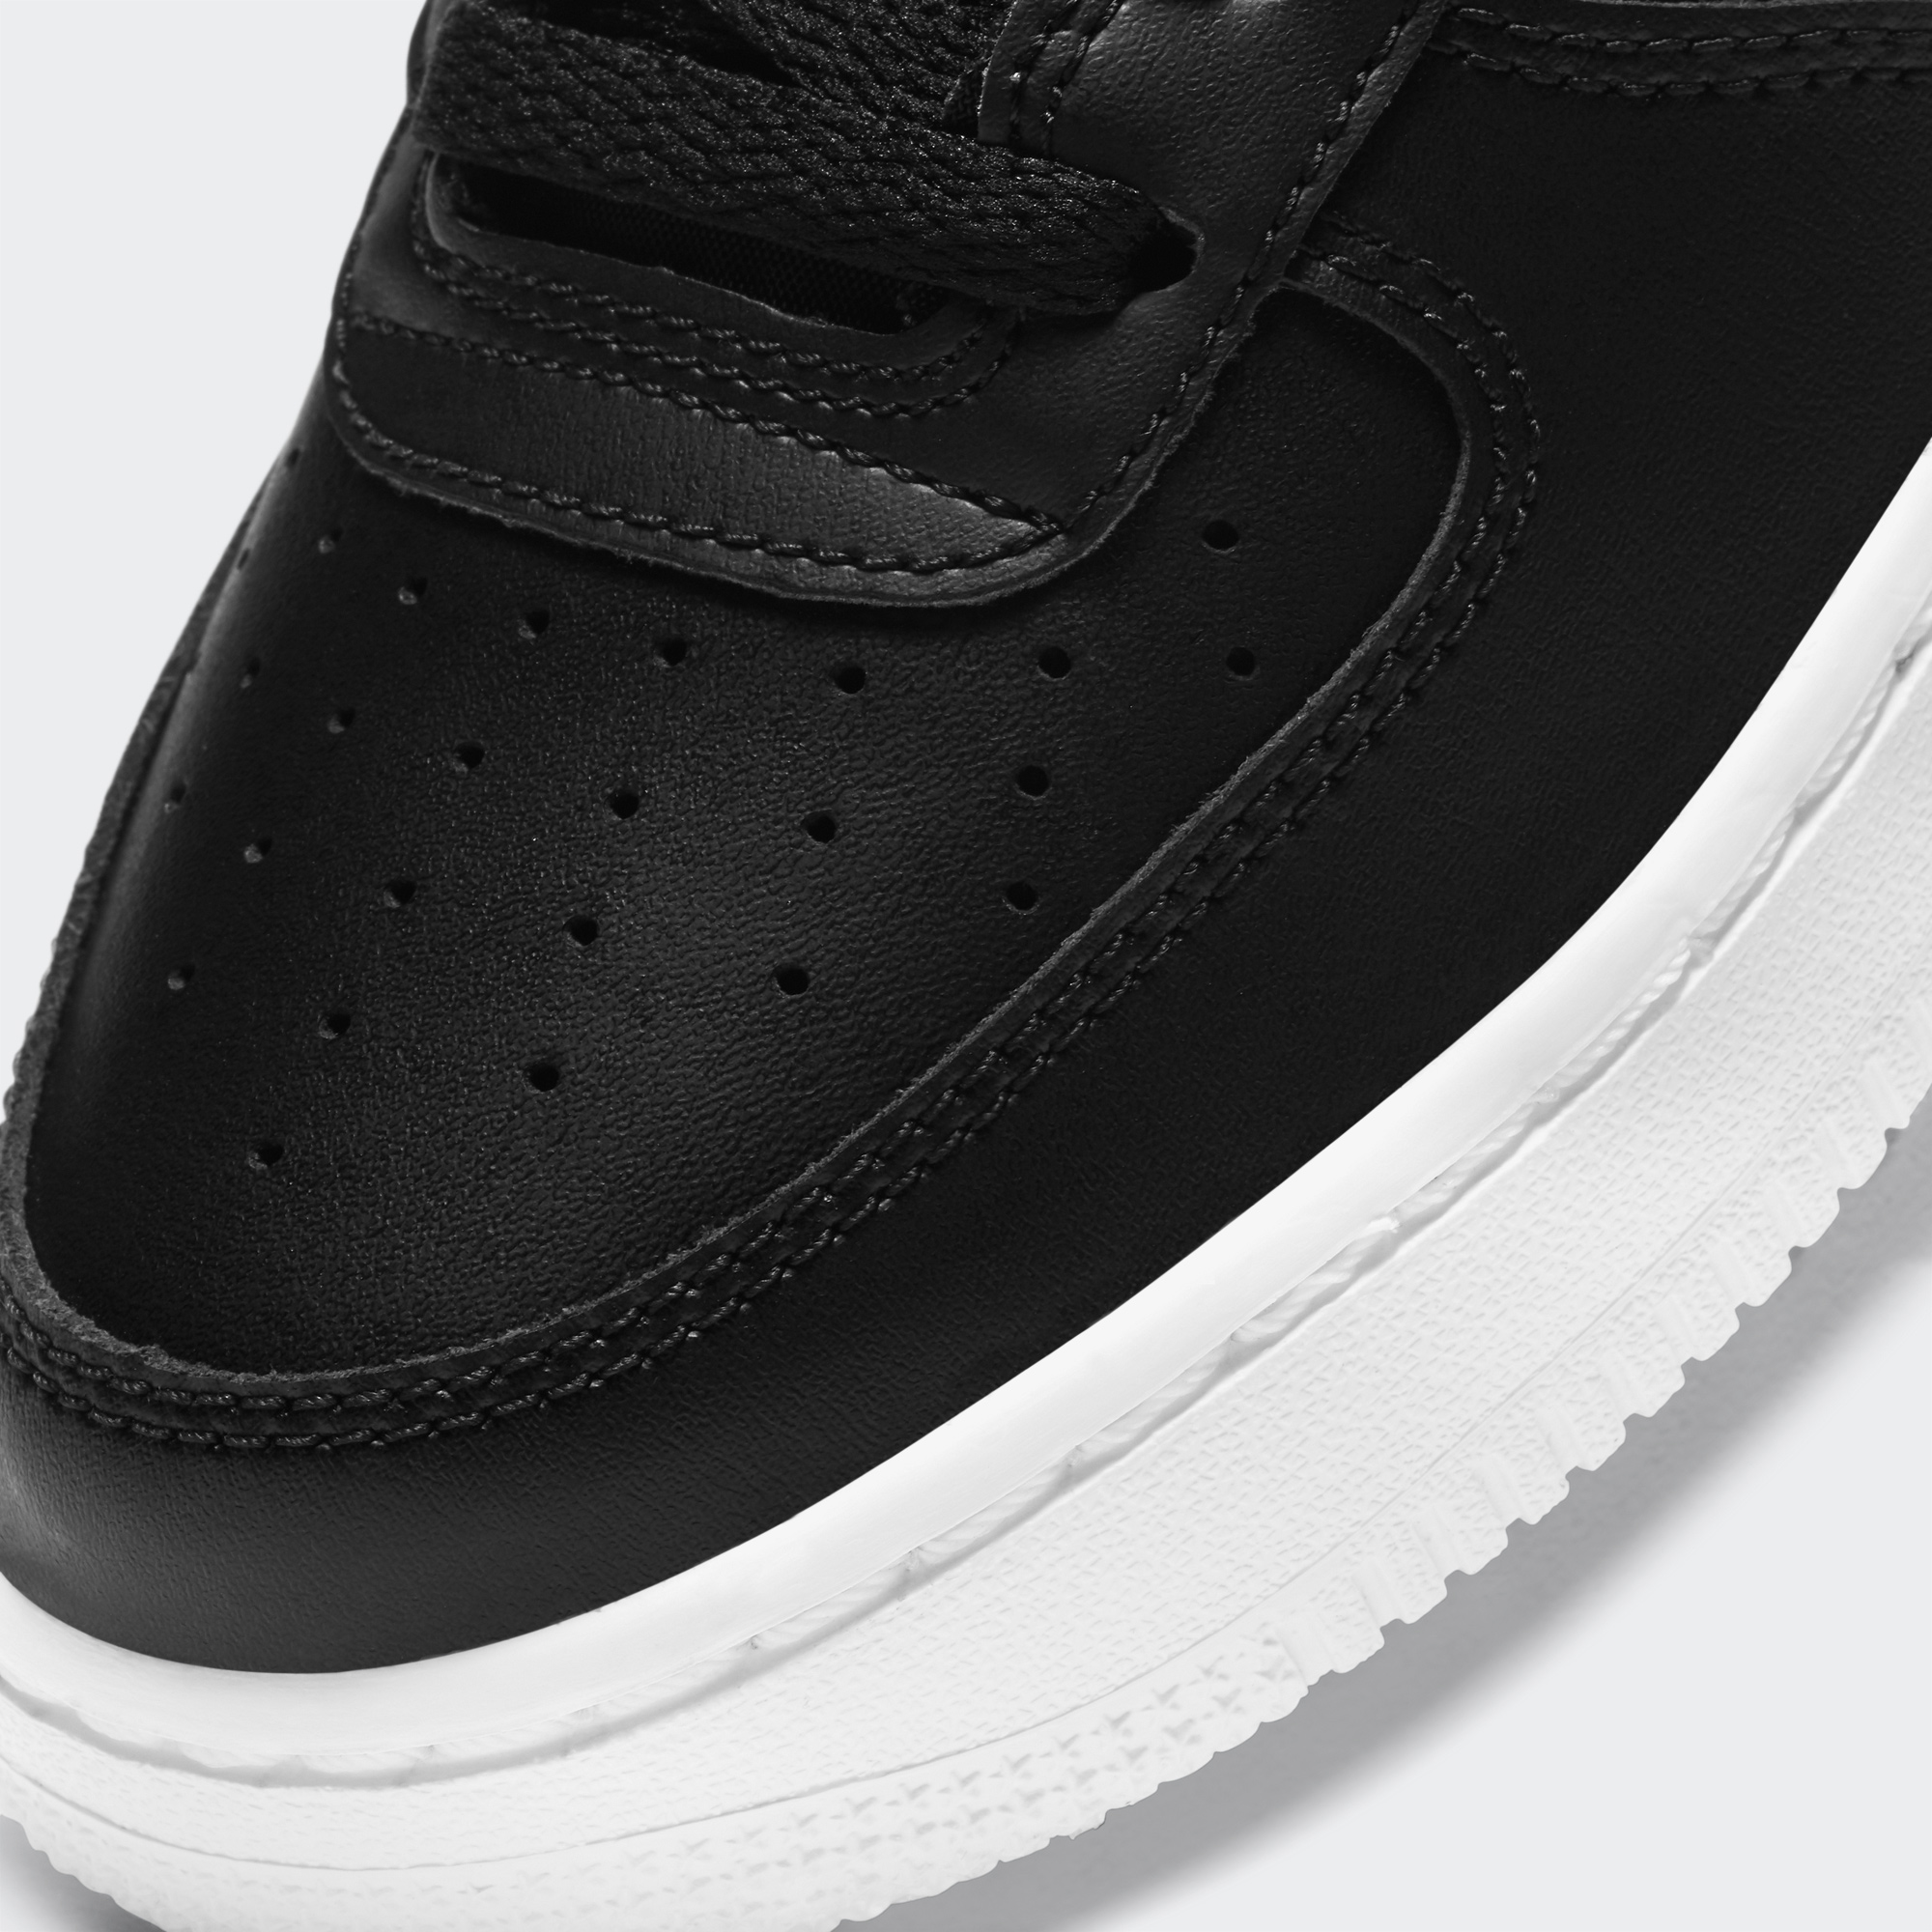 Nike Air Force 1 Lv8 Gs Kadın Siyah Spor Ayakkabı